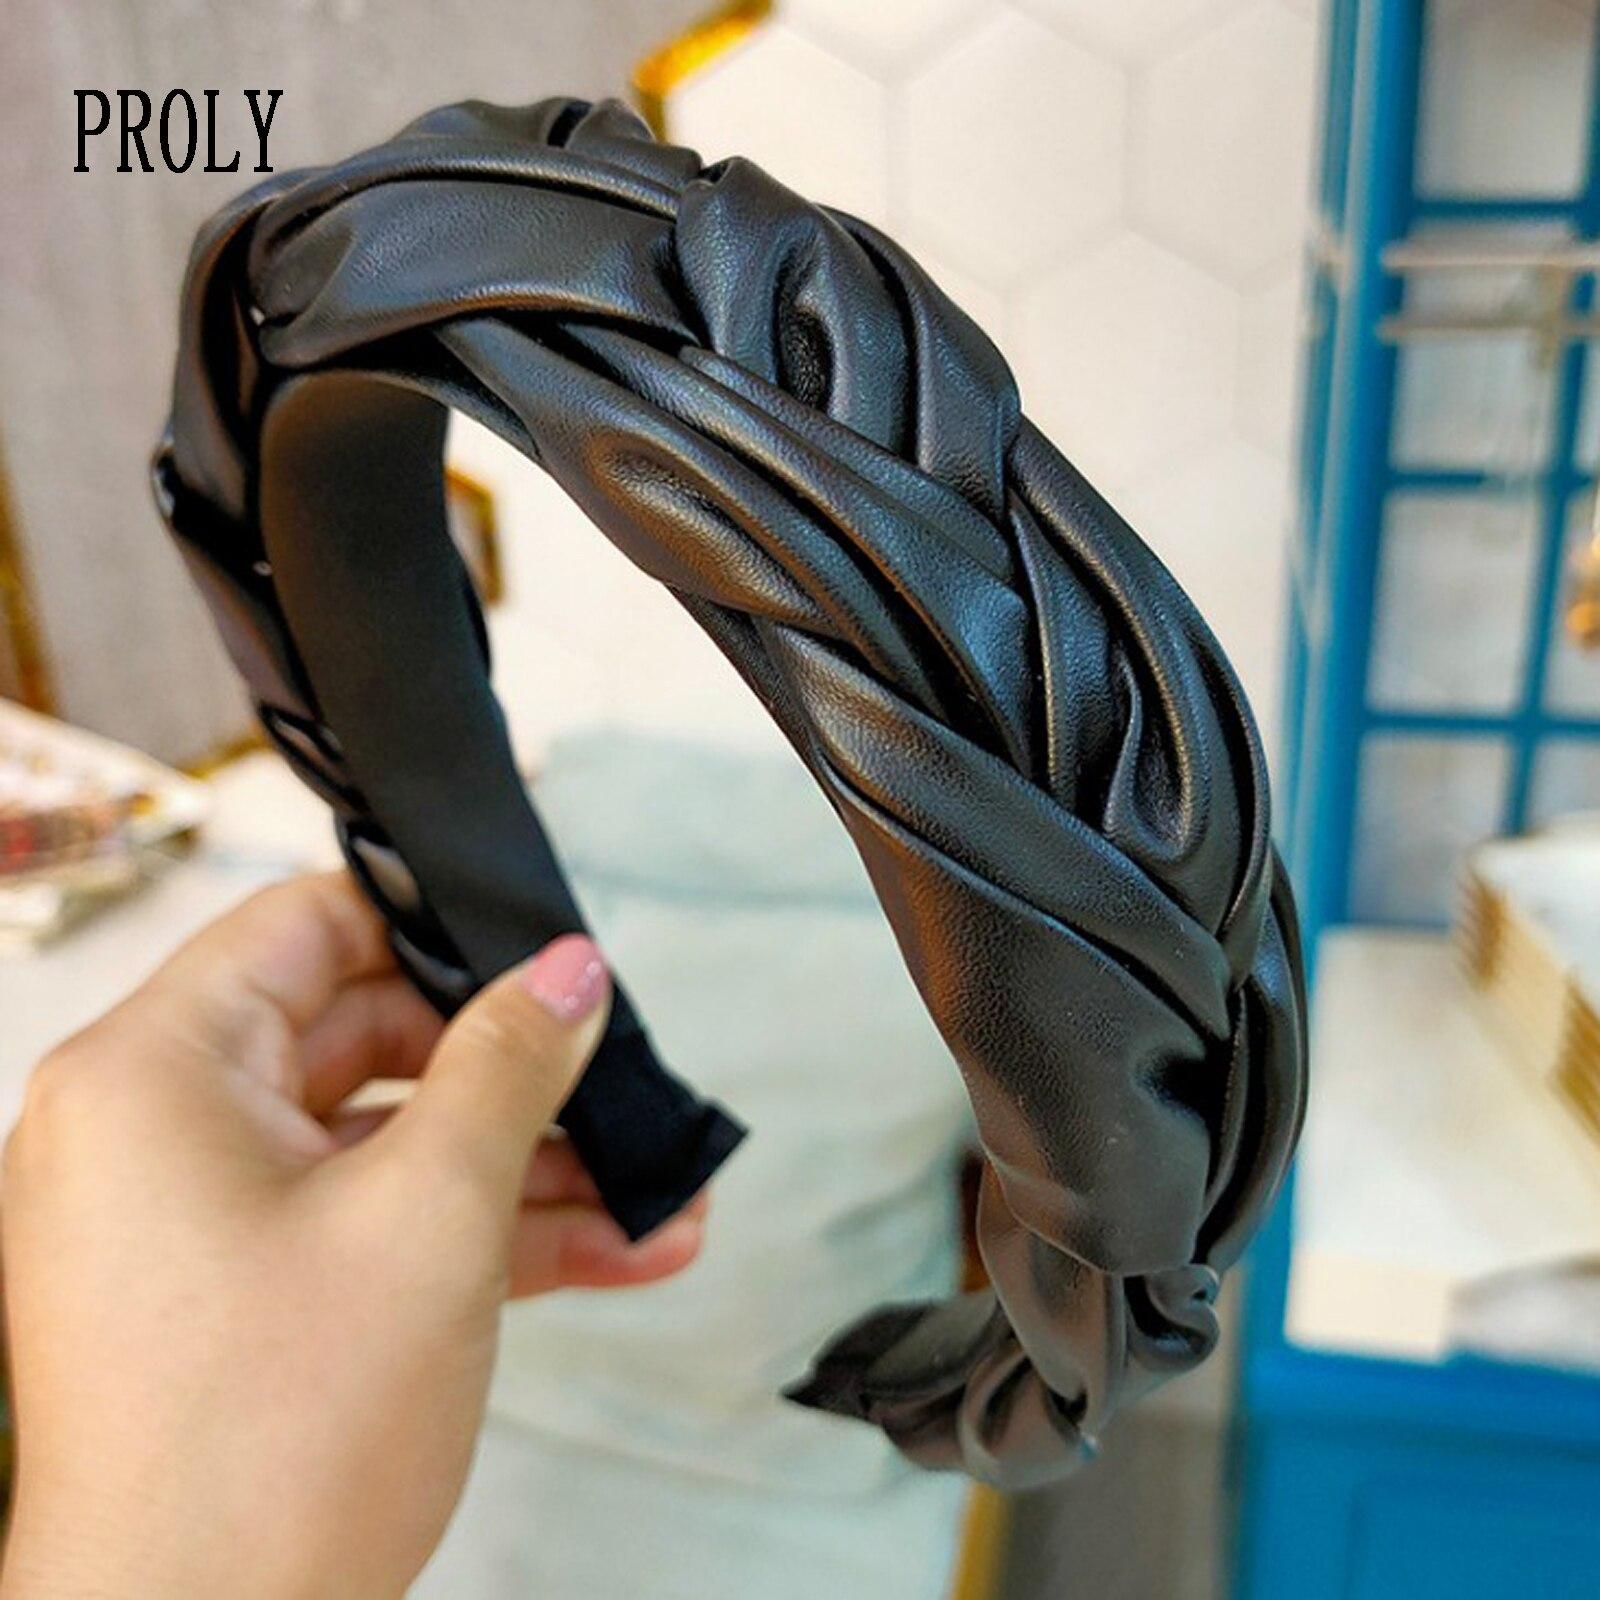 Обруч для волос PROLY женский кожаный, модный аксессуар для волос с перехлёстом, коса с узлом, широкий боковой ободок для взрослых